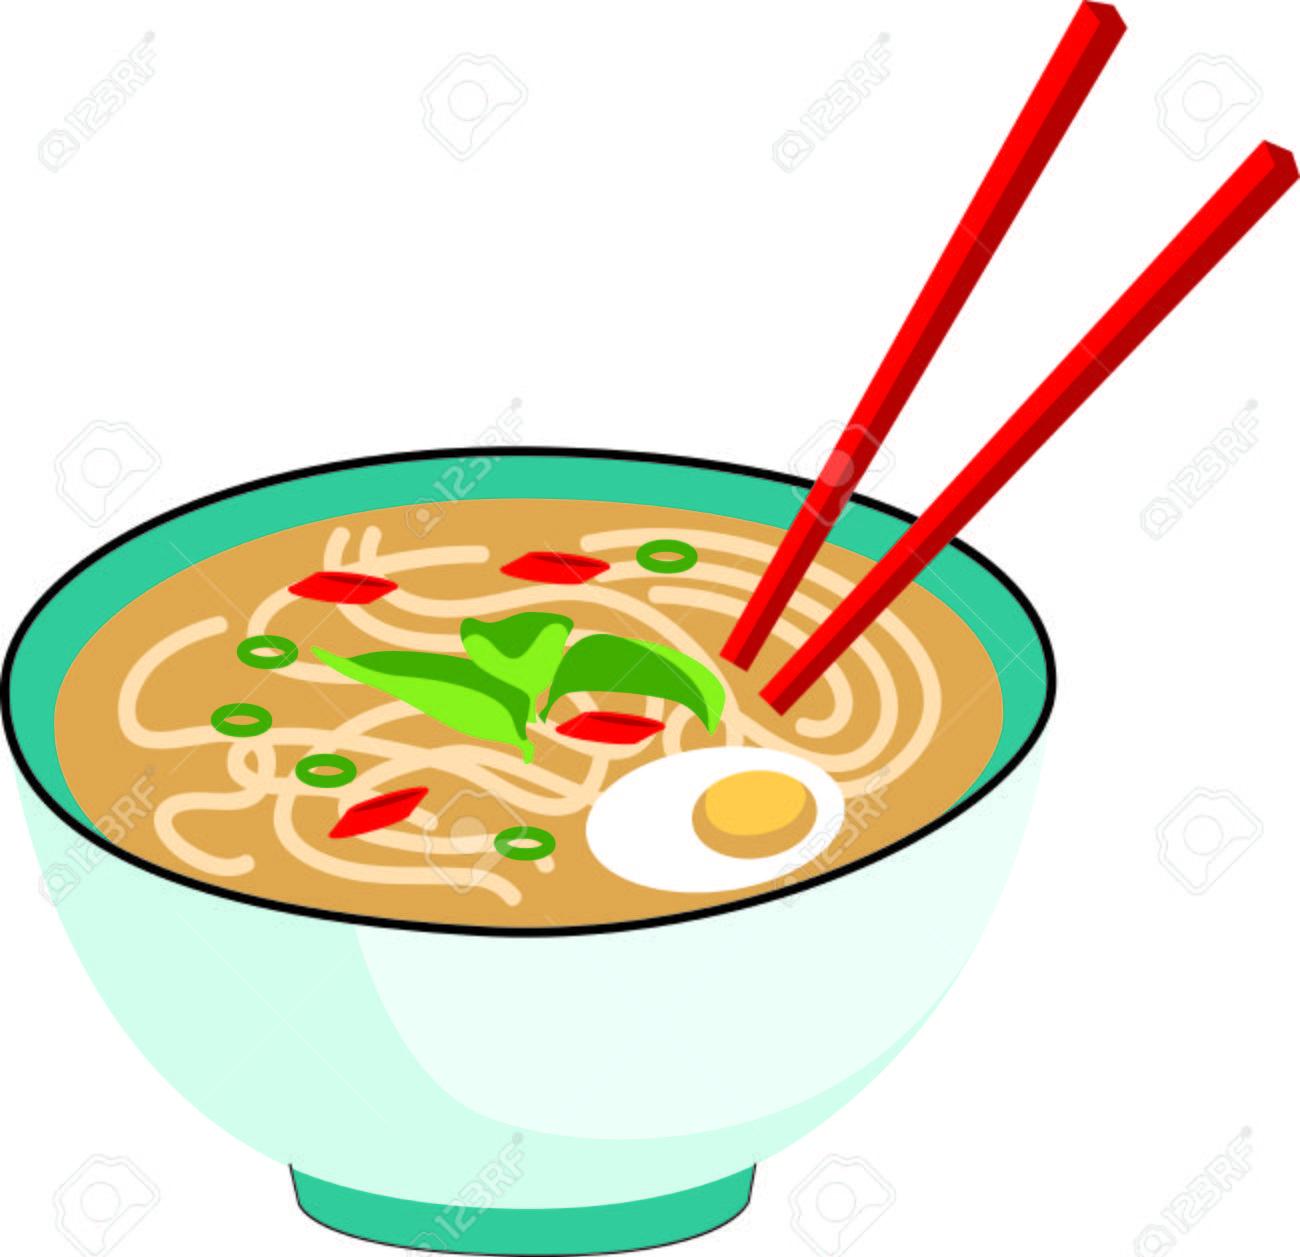 Asian food clipart 3 » Clipart Portal.